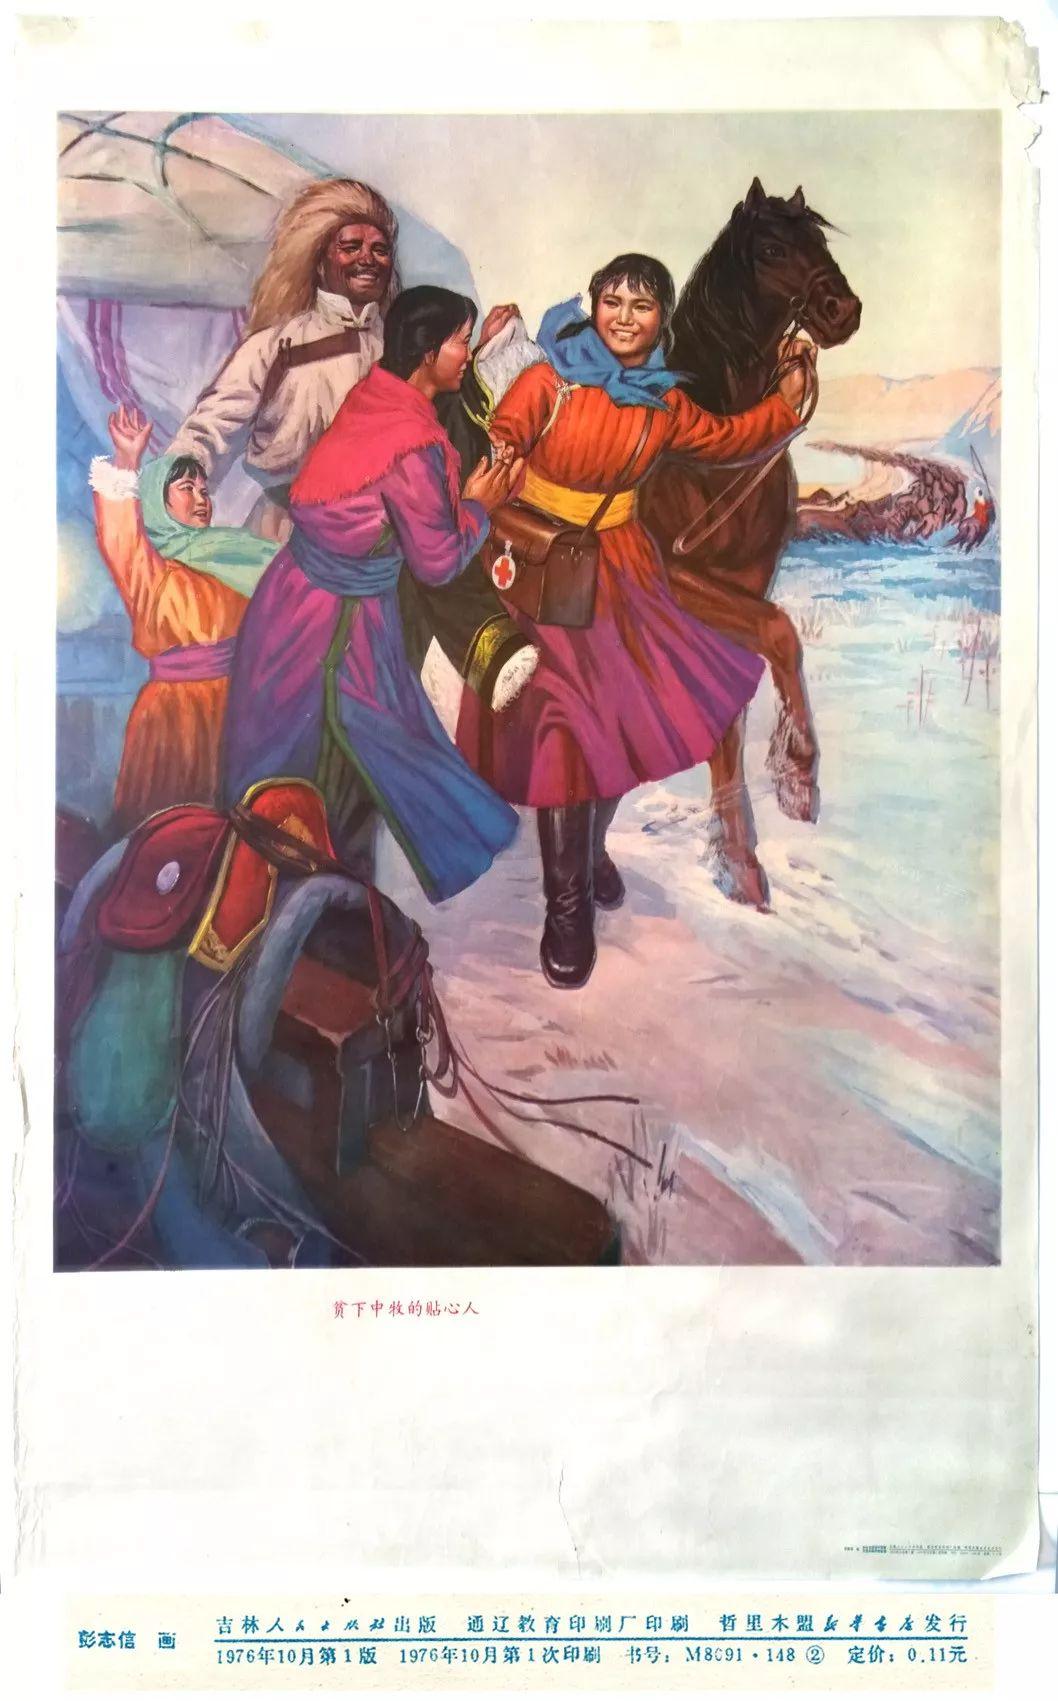 内蒙古画家--彭志信 第60张 内蒙古画家--彭志信 蒙古画廊